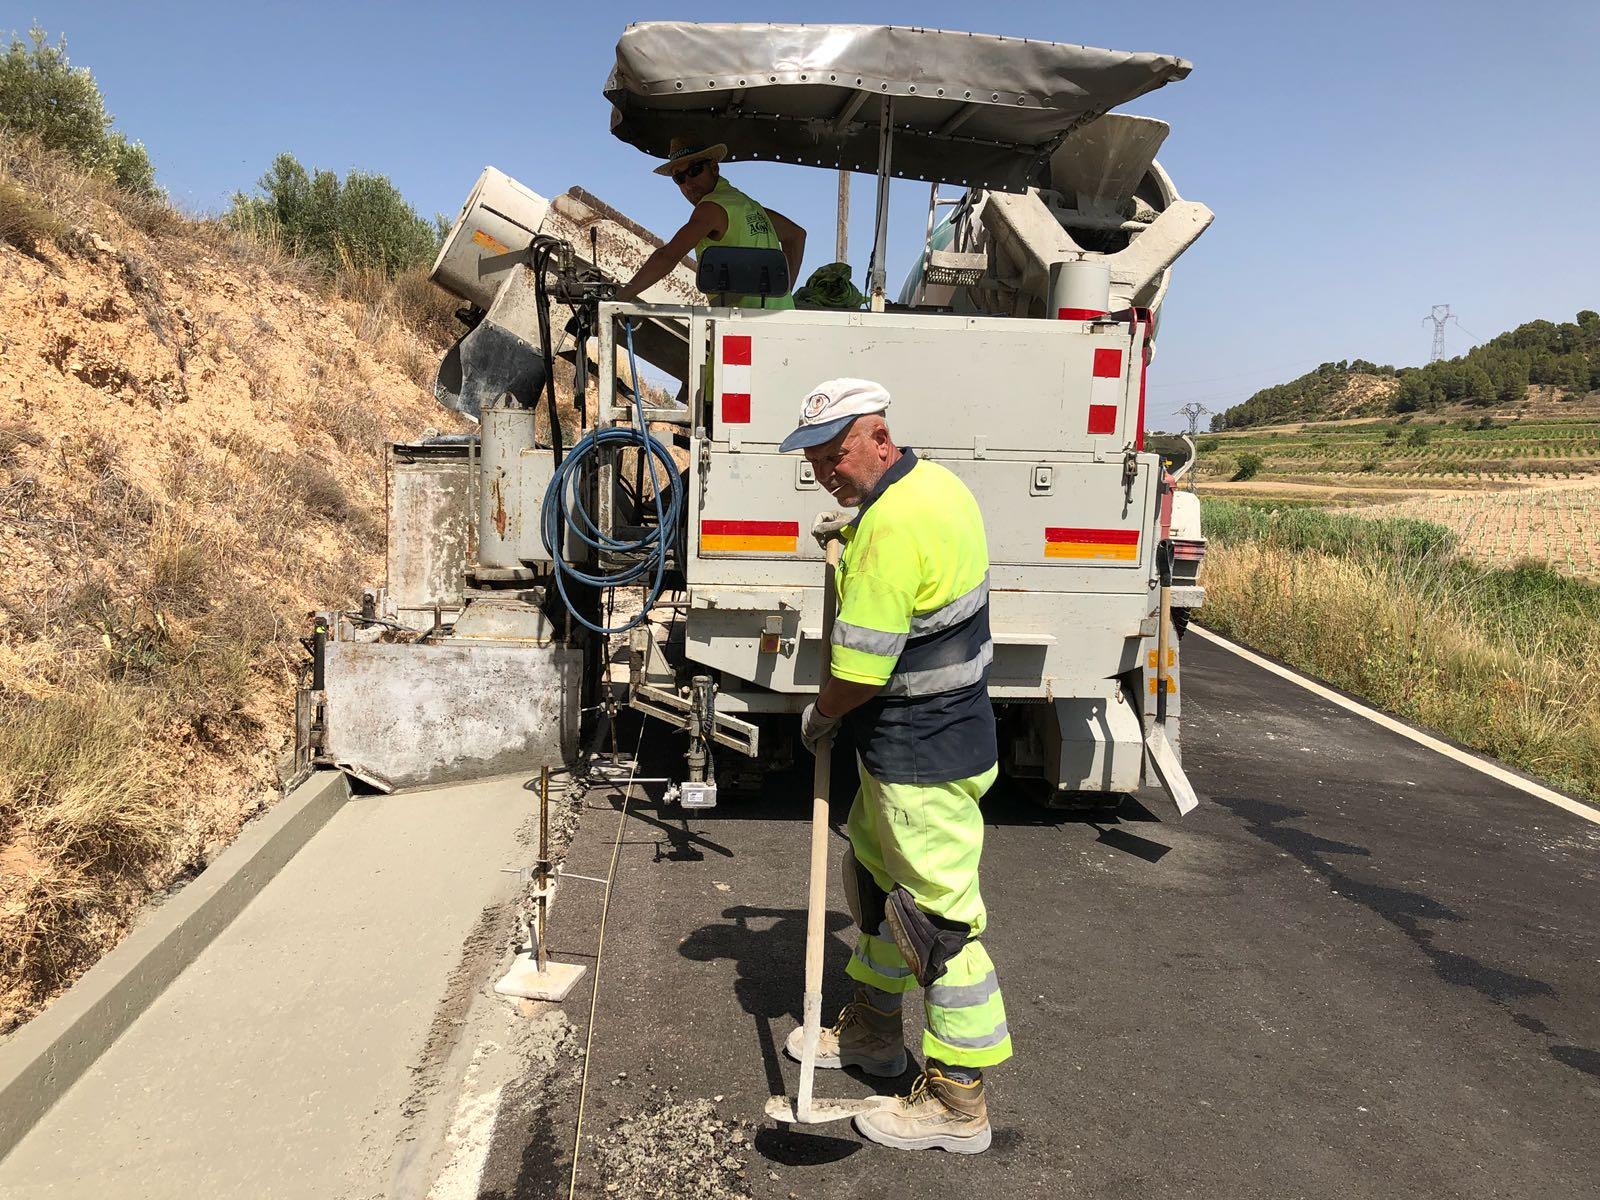 Con una inversión de 1,5 millones de euros, se actuará en decenas de vías de estas comarcas con especial incidencia en la mejora de cunetas, puentes y señalización